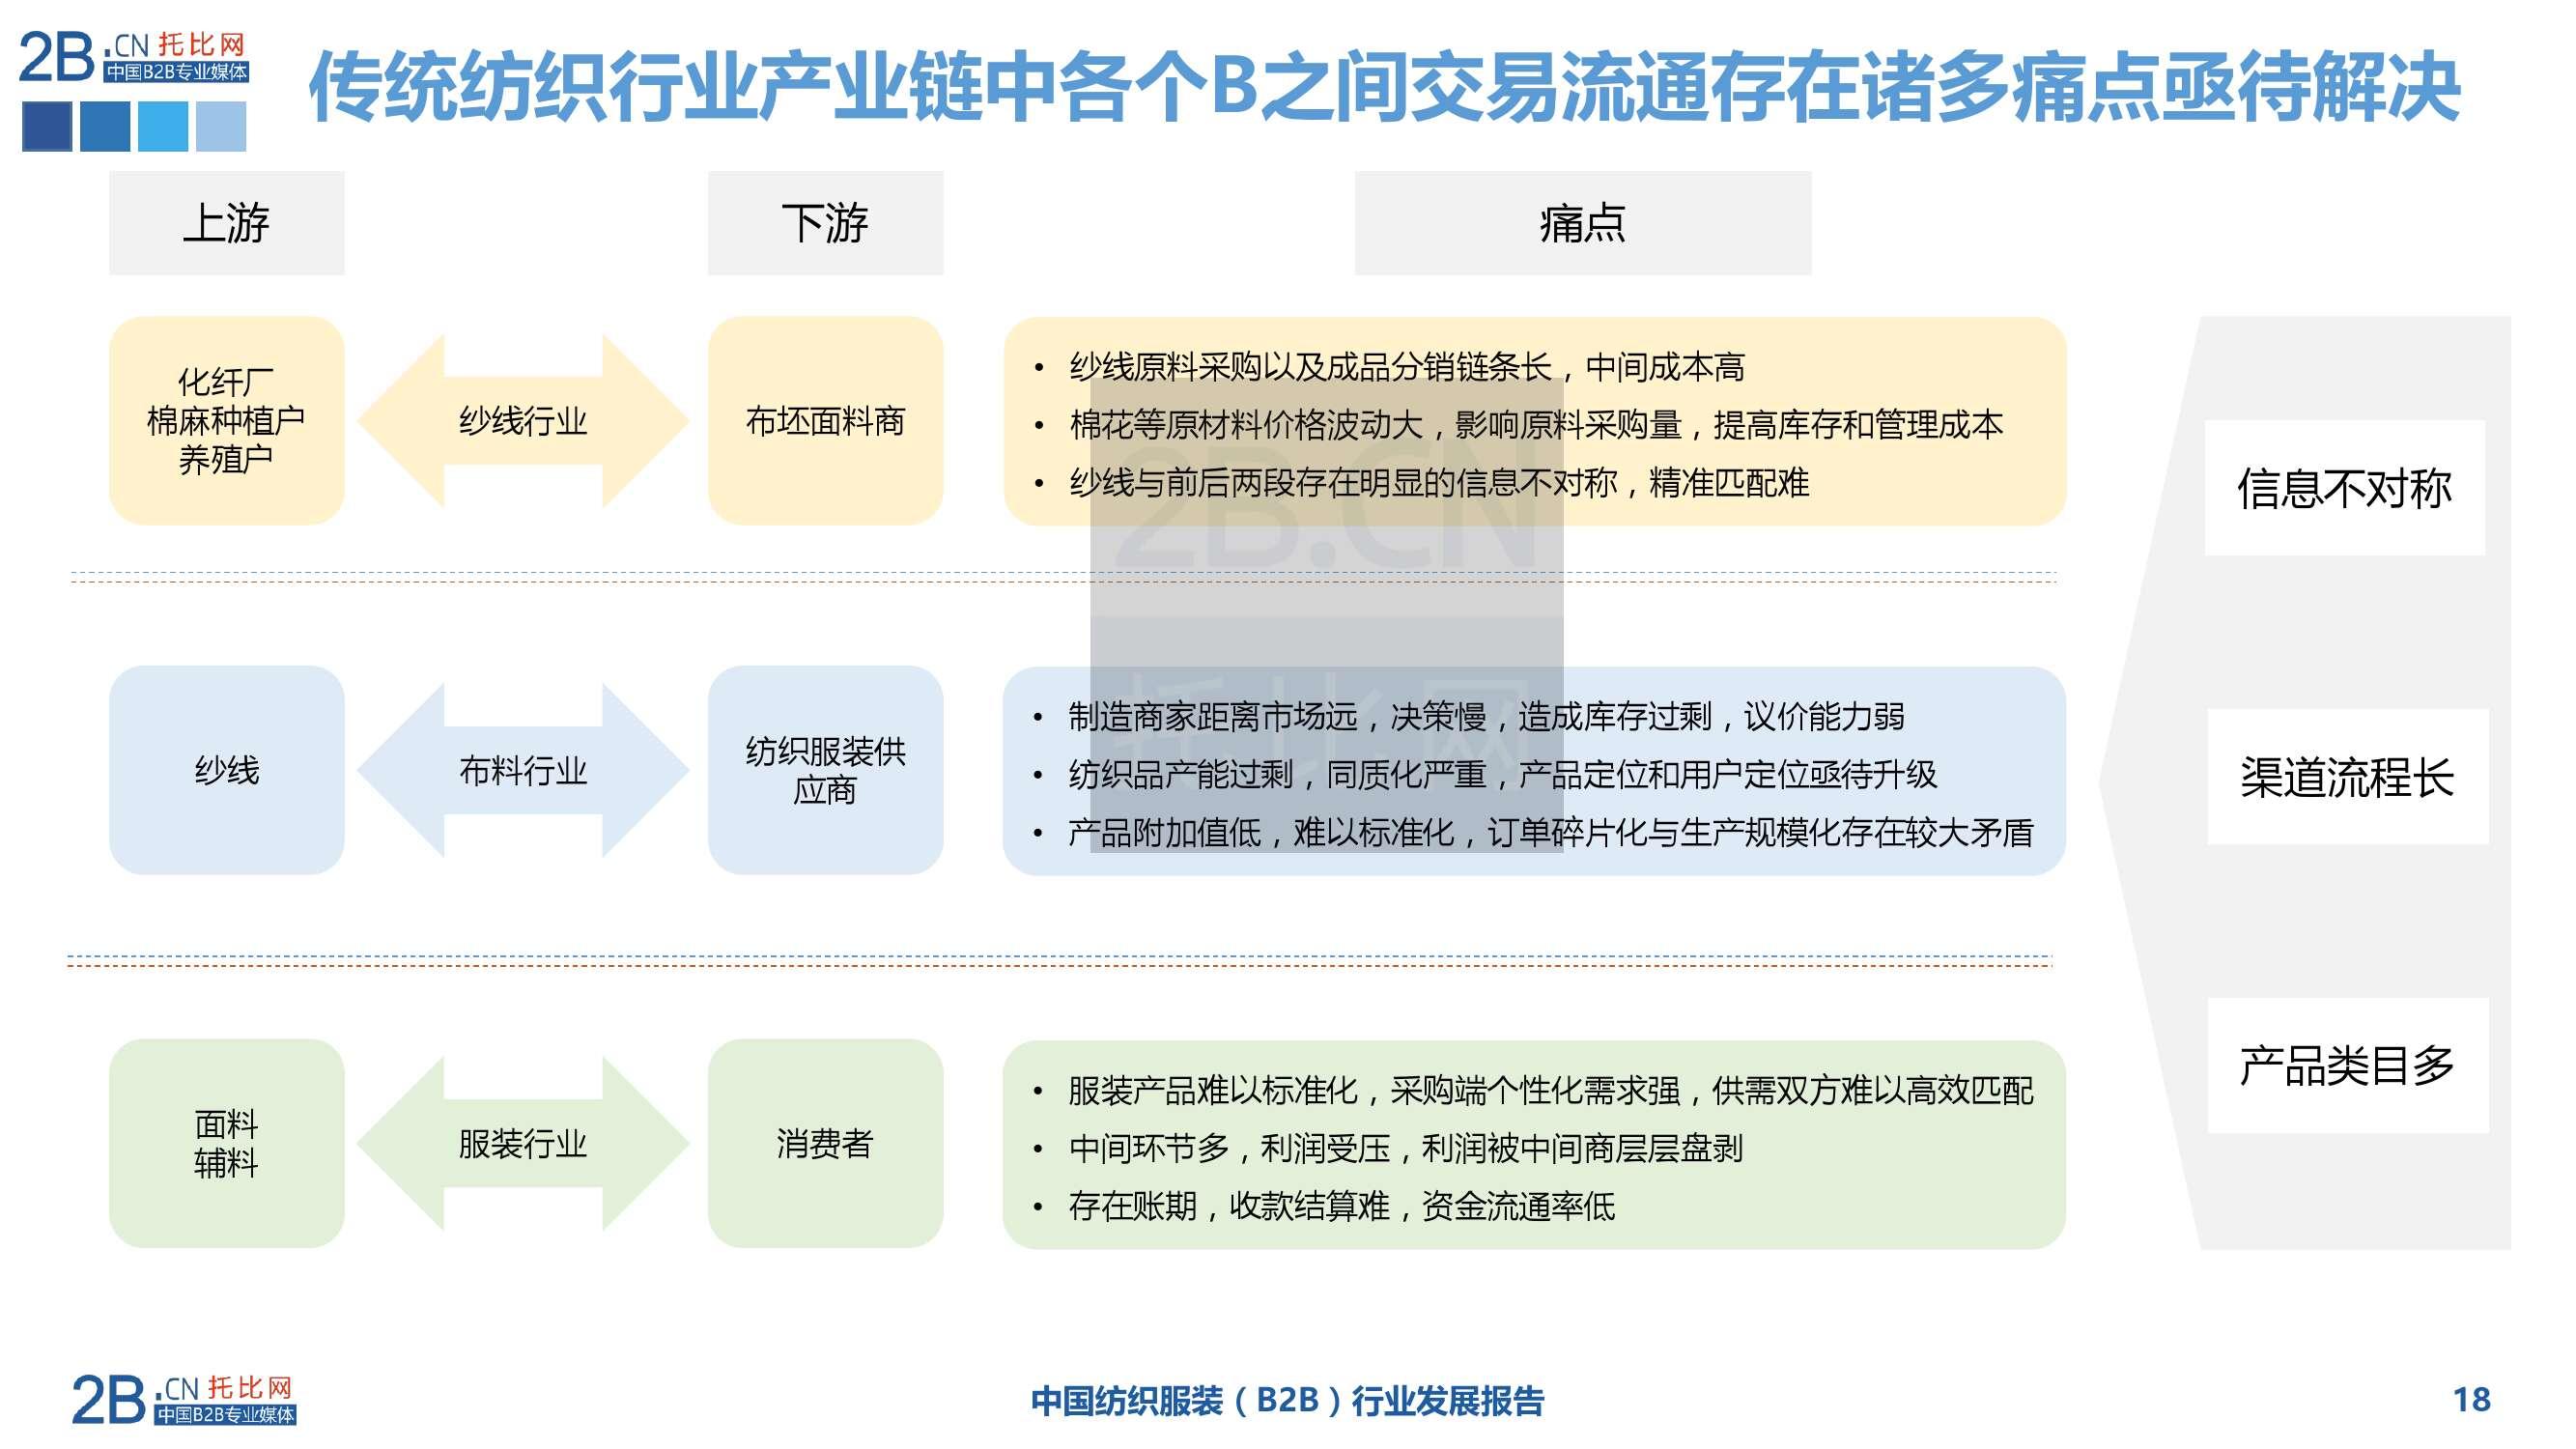 2015年中国纺织服装B2B行业发展报告_000018